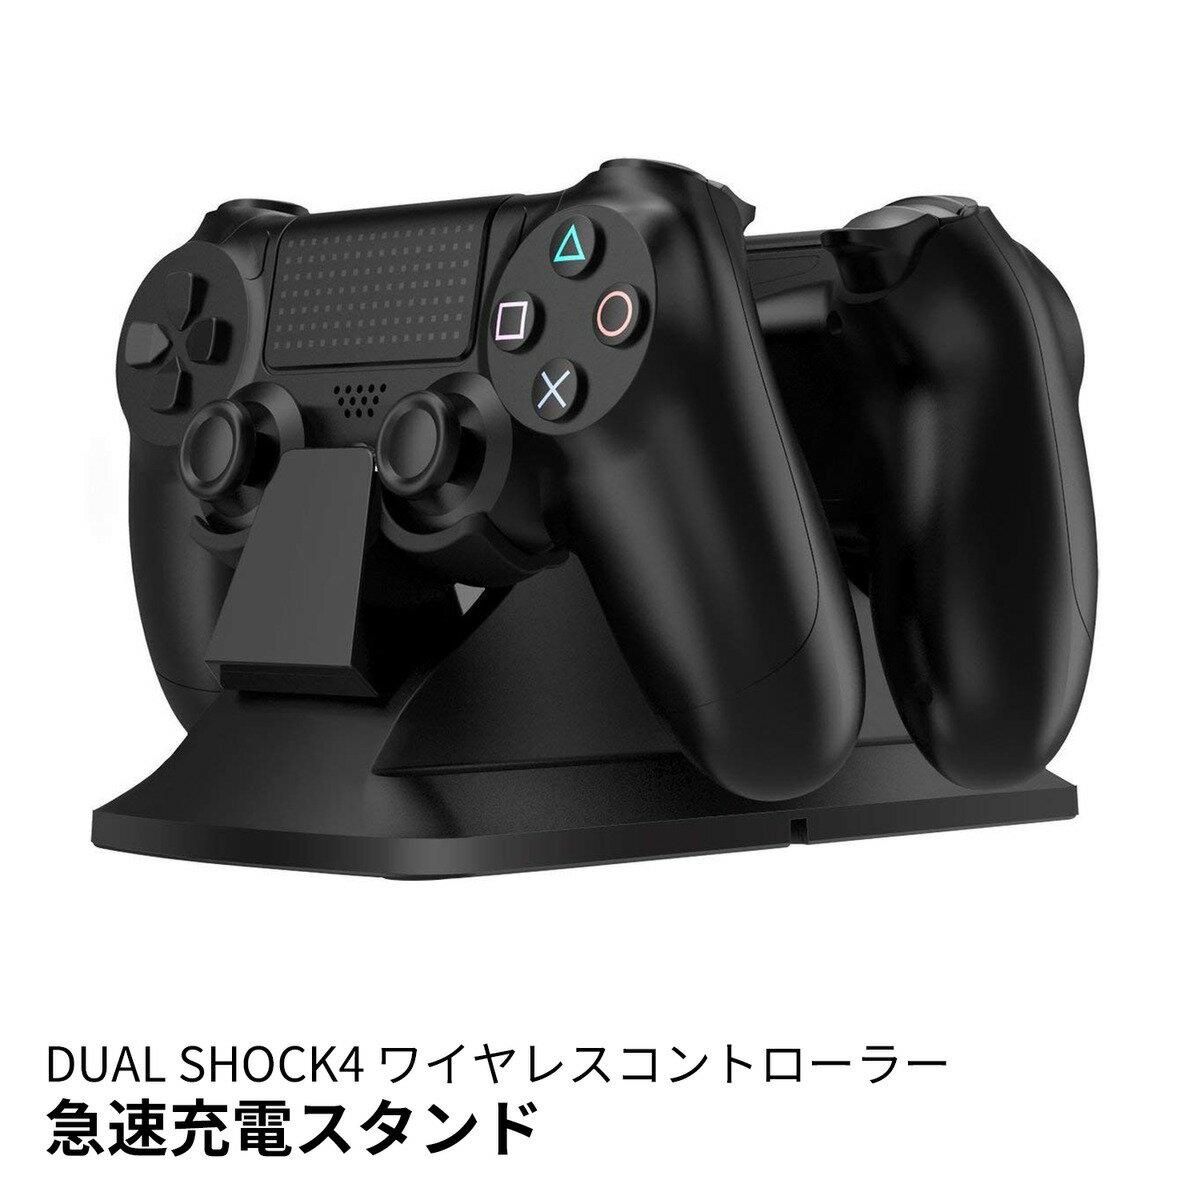 【新発売】PS4 DUAL SHOCK4 ワイヤレスコントローラー 急速充電スタンド